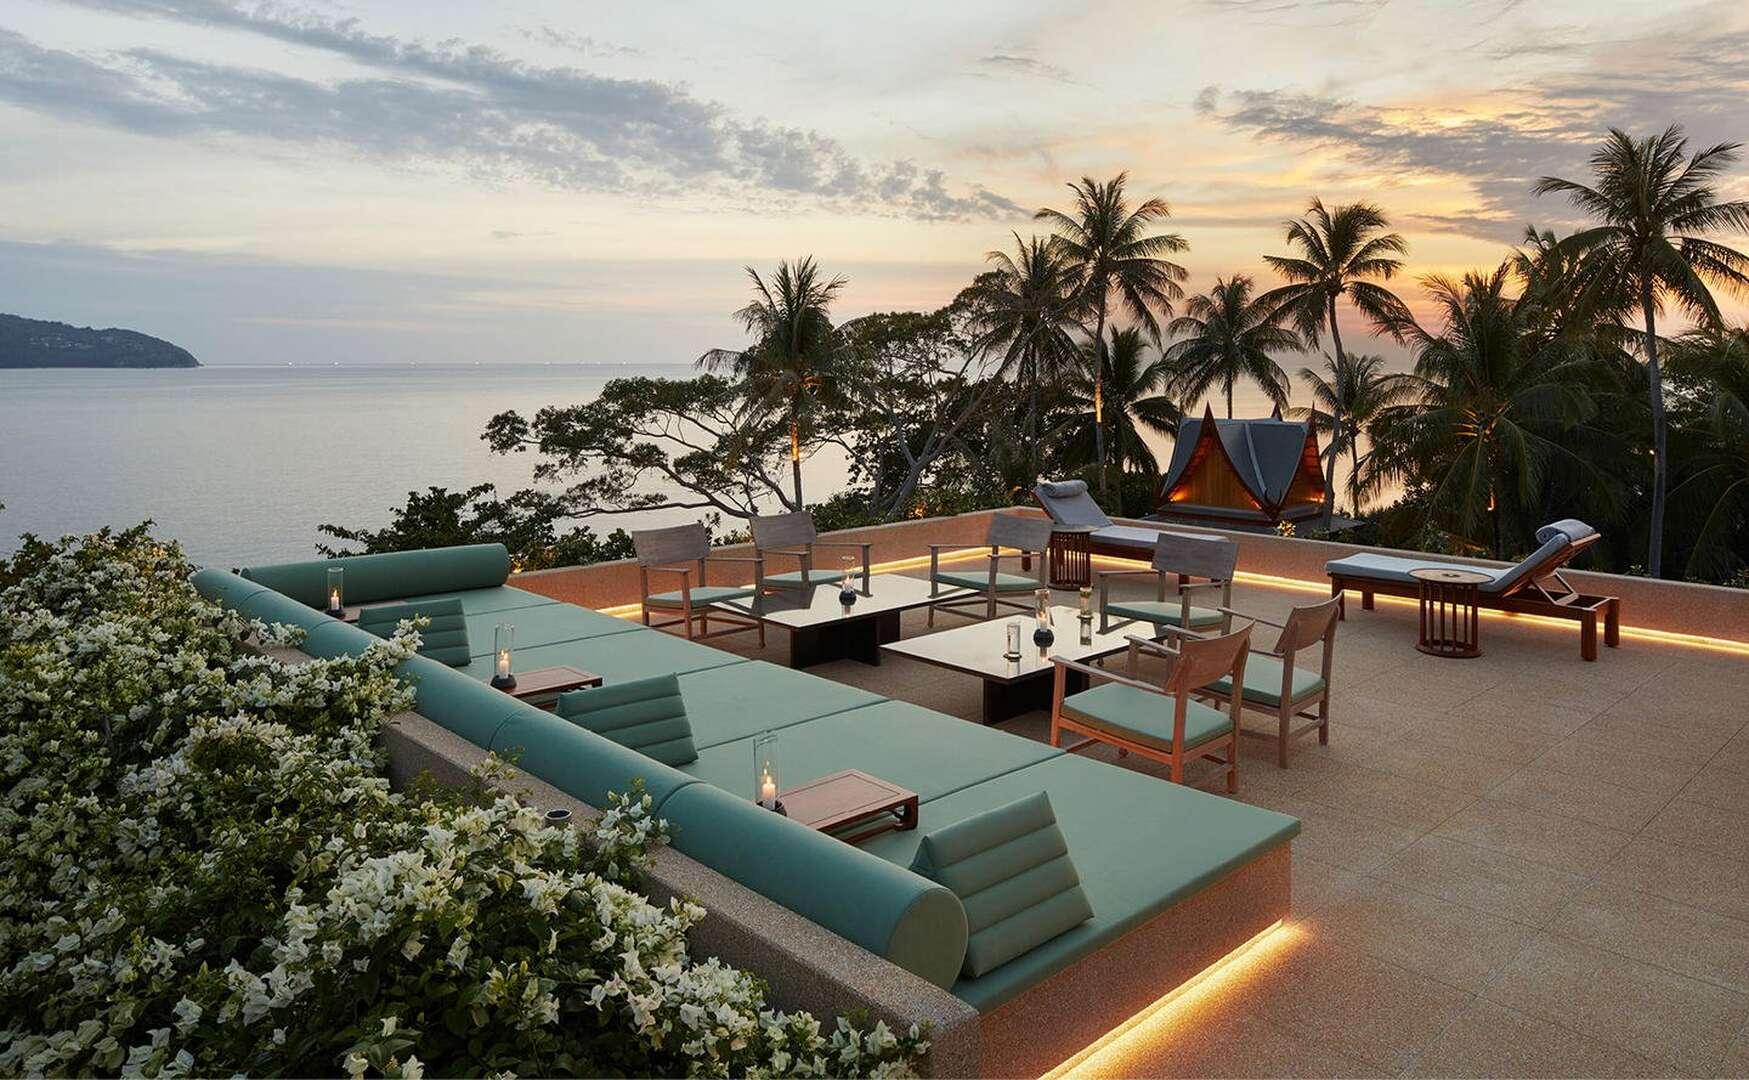 - 8 BDM Ocean Villa - Image 1/6